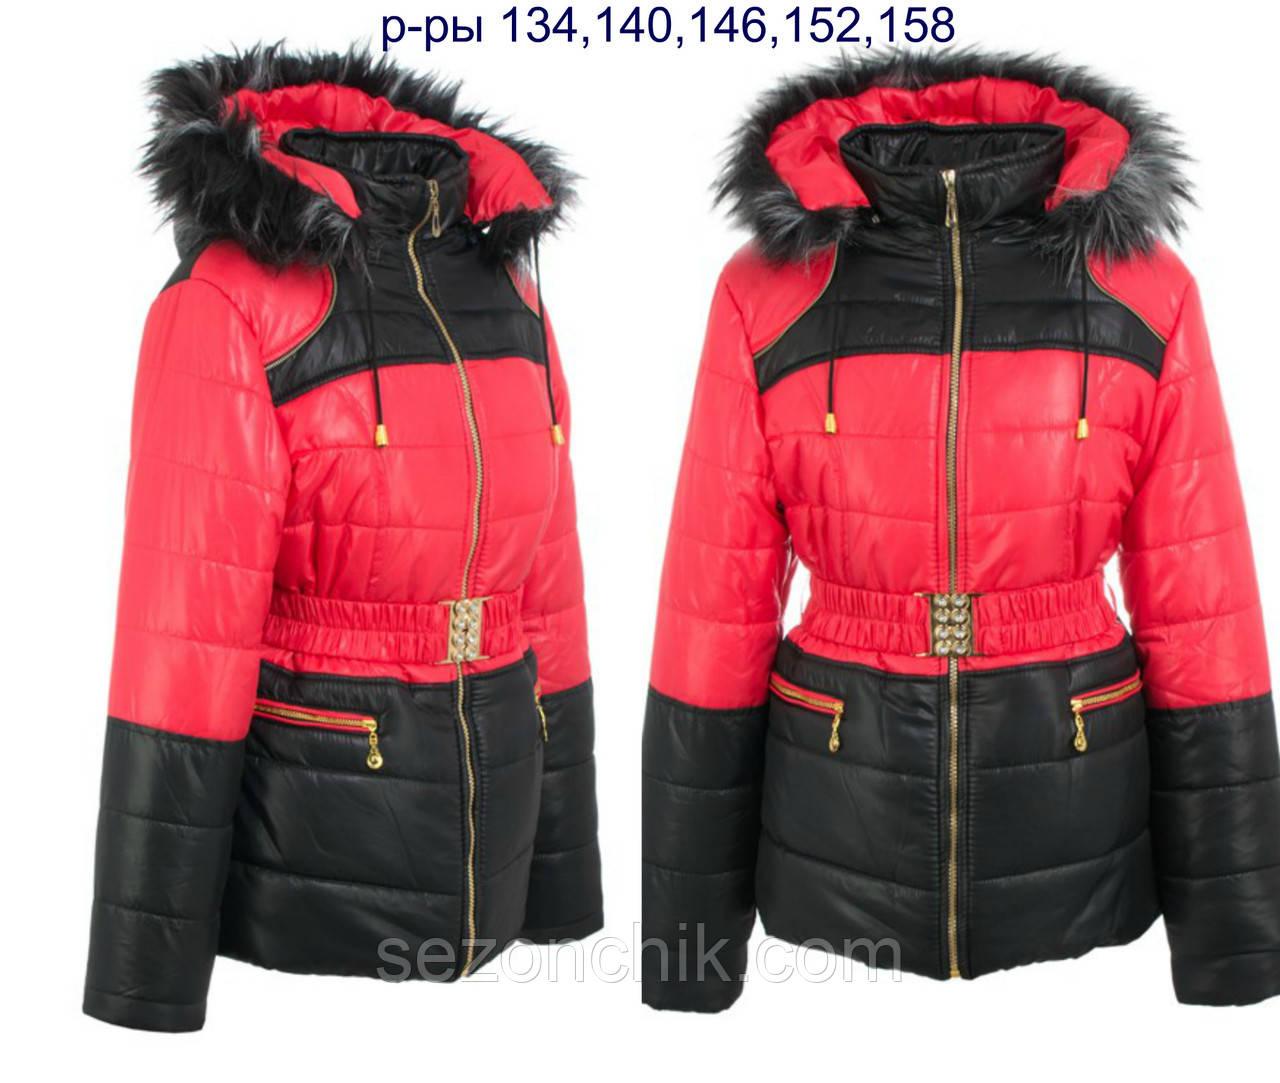 Детские зимние куртки на подстёжке яркого цвета